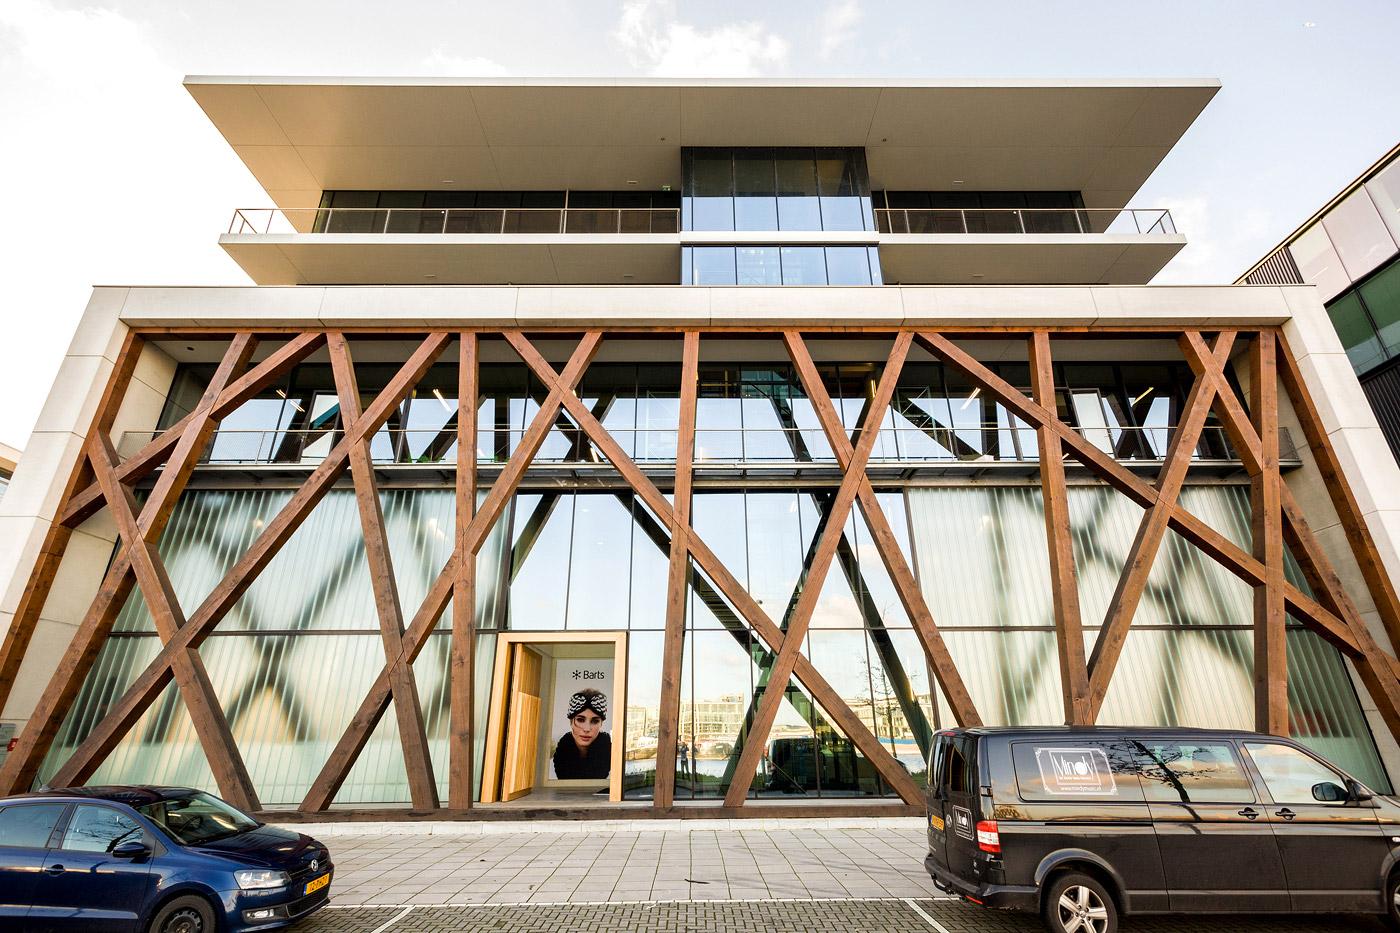 jacklinks-bifi-peperami-Barts-building-feest-receptie-hoofdkantoor-opening-fotograaf-Bob-Hersbach